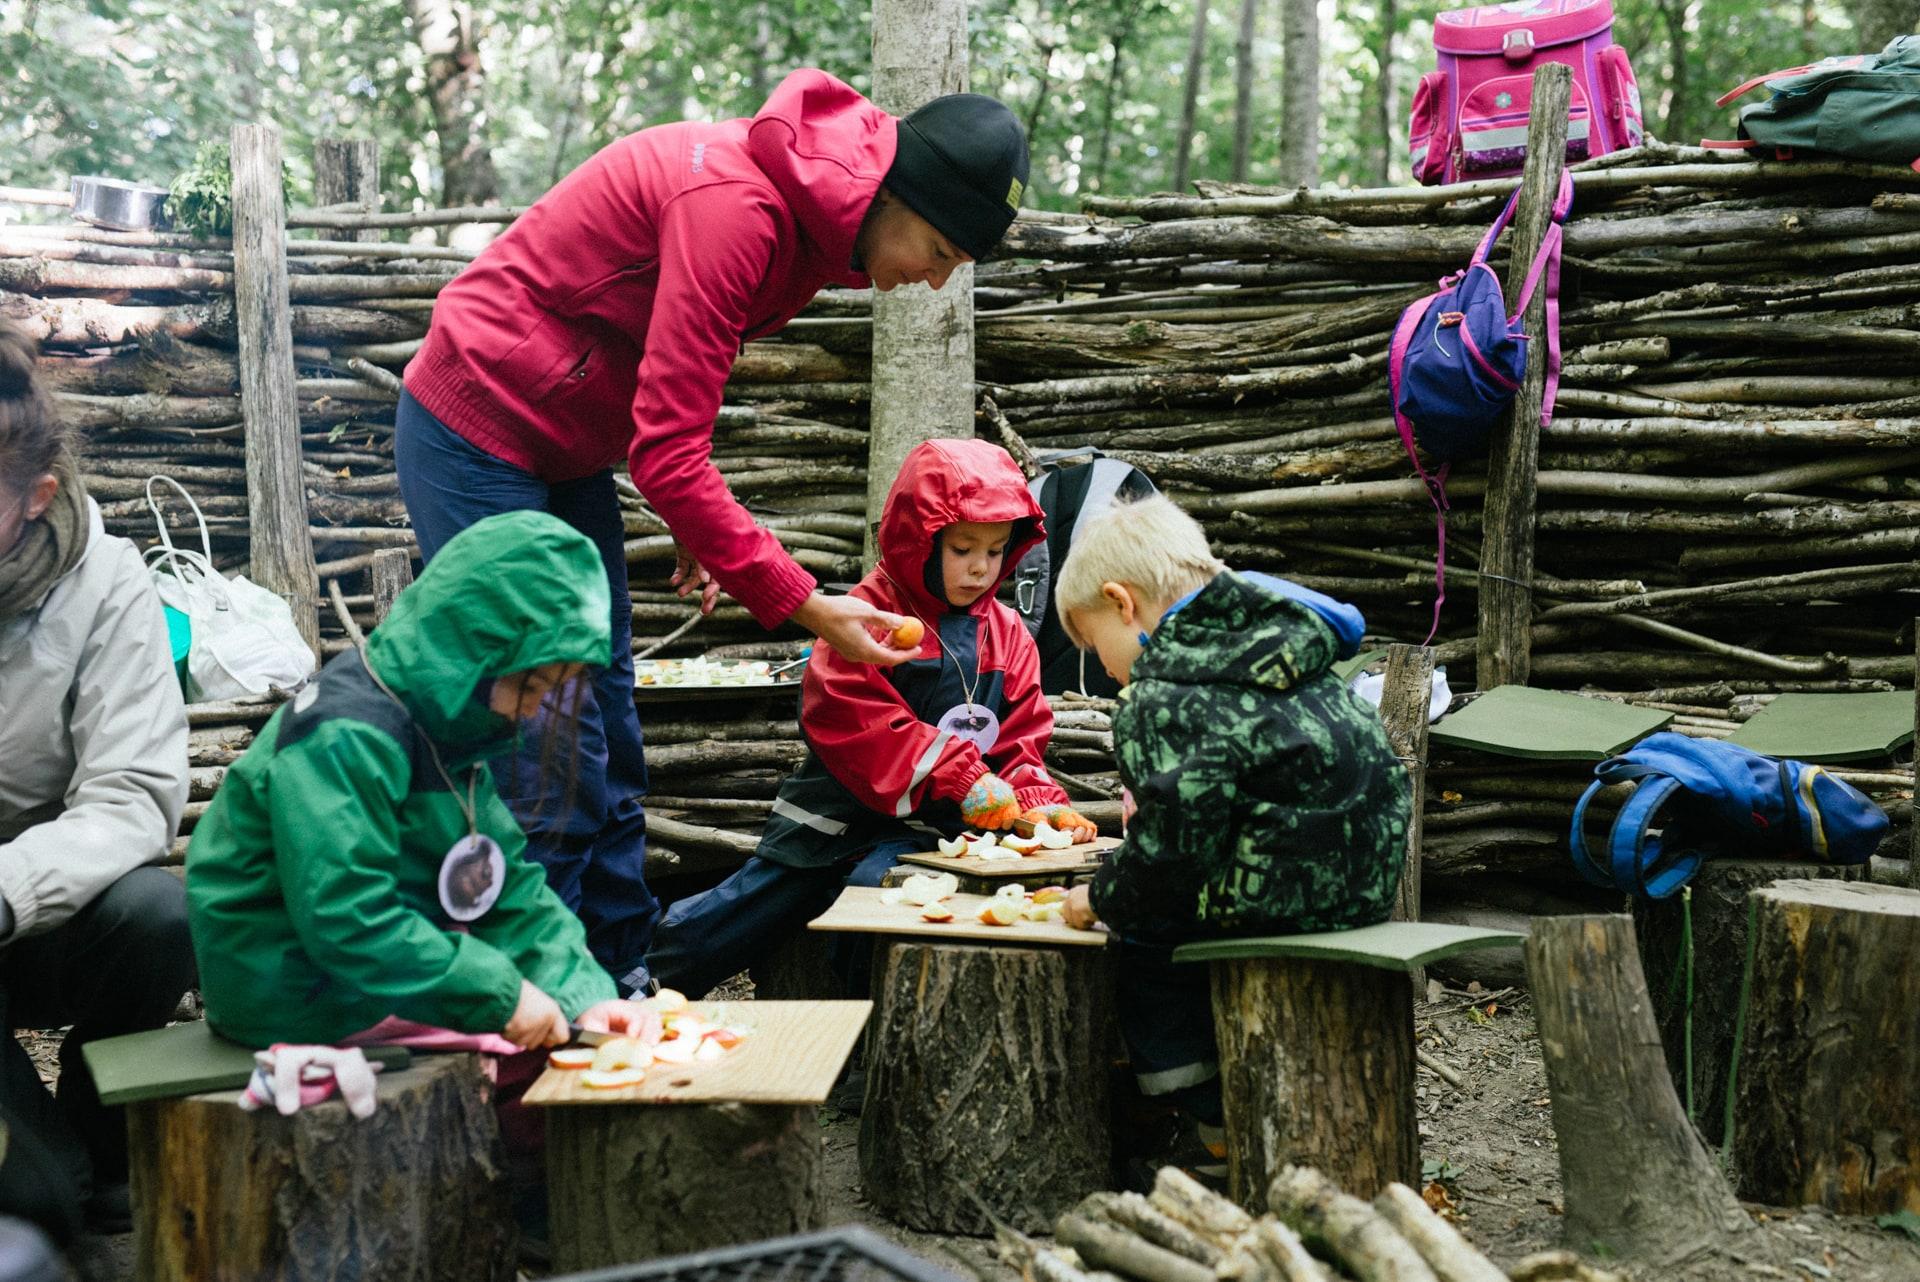 Ecole Edenpark - Une école originale - Un cadre où l'enfant découvre son identité